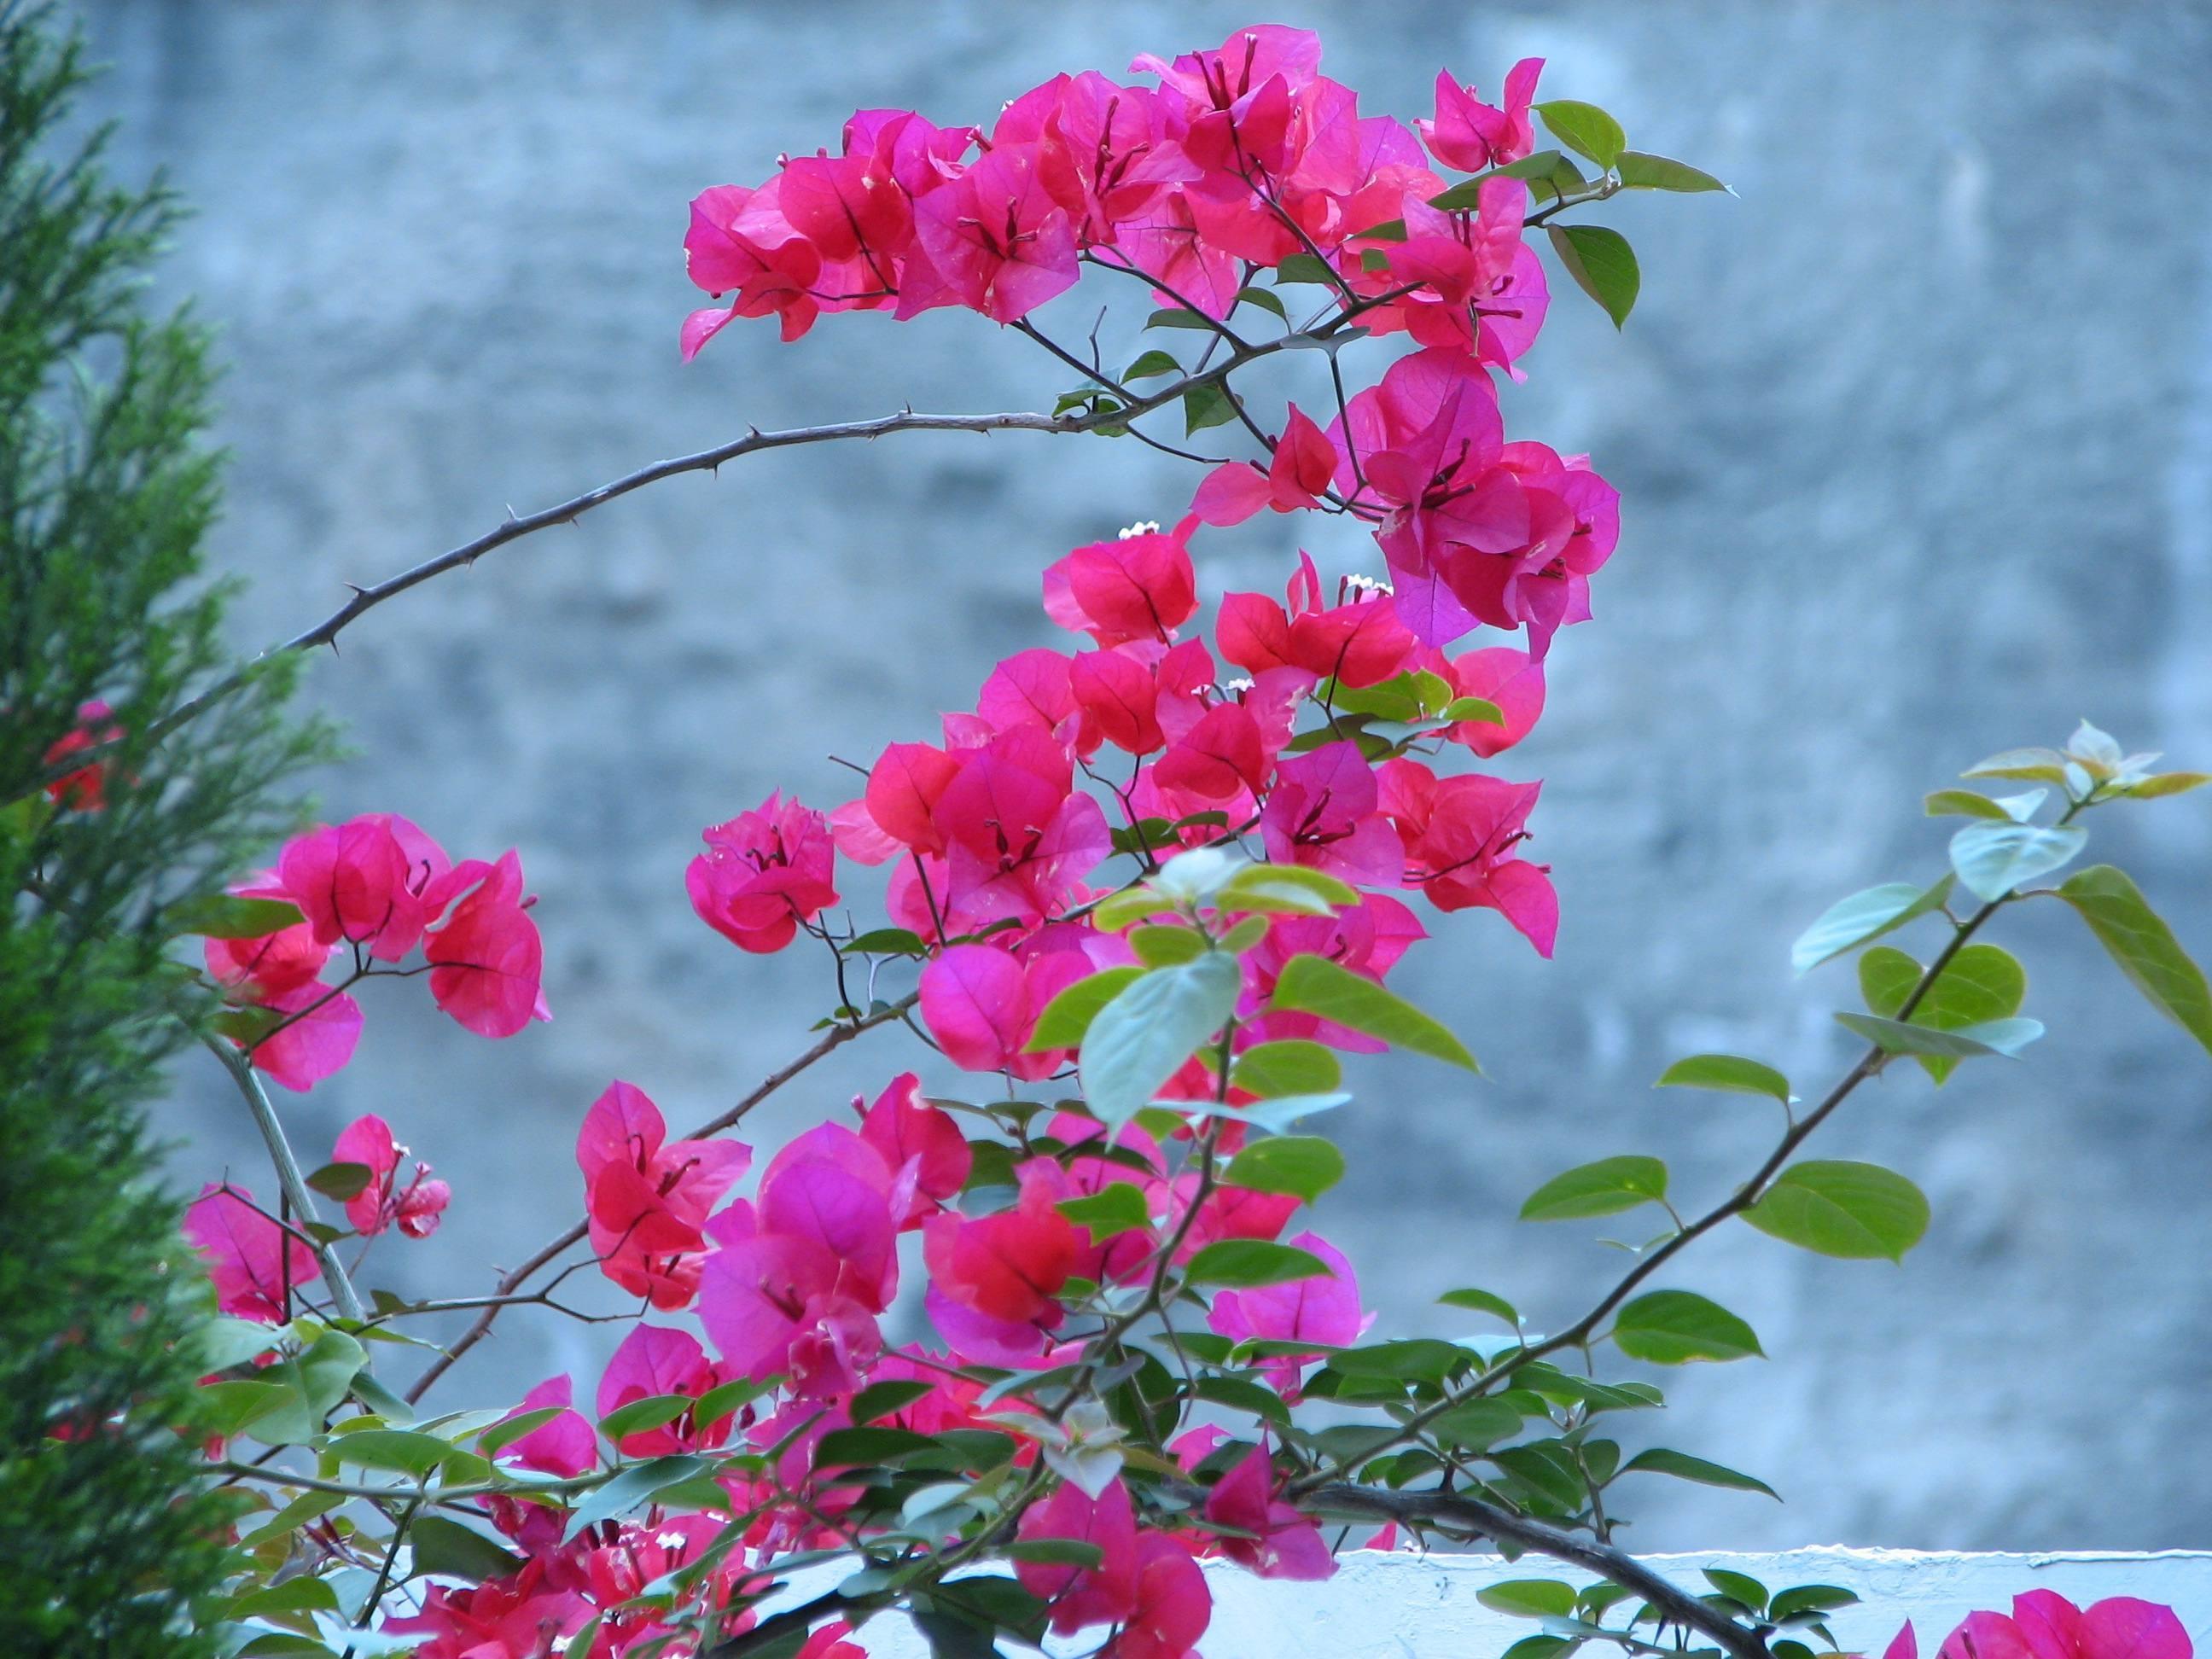 为什么种的三角梅不开花或者开花少?